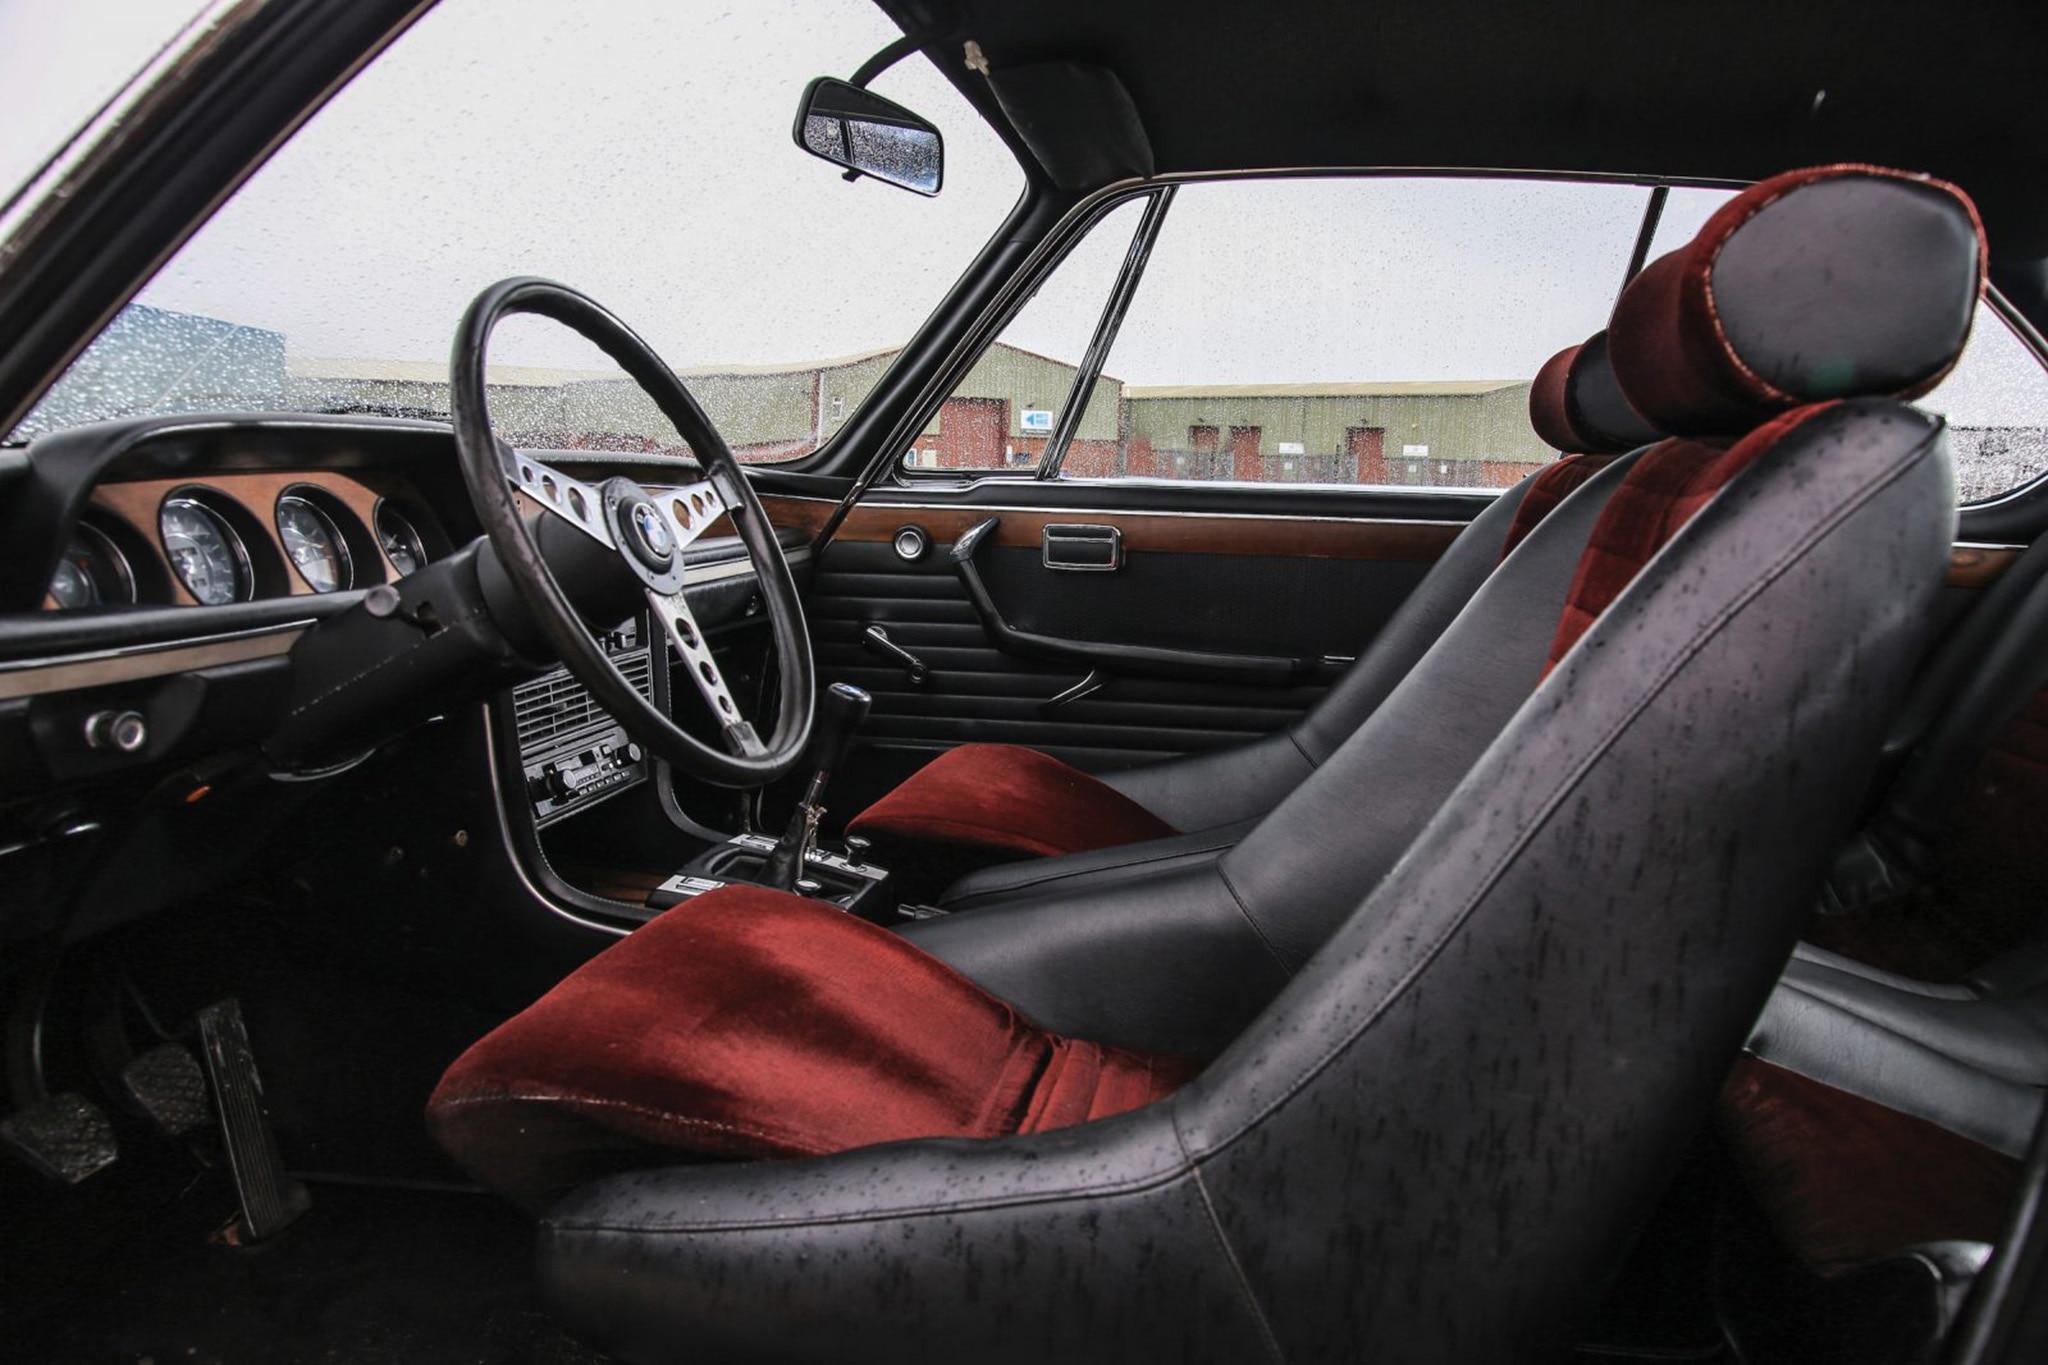 1975 Bmw 3 0 Csl Batmobile Needs Cash Crusader Automobile Magazine